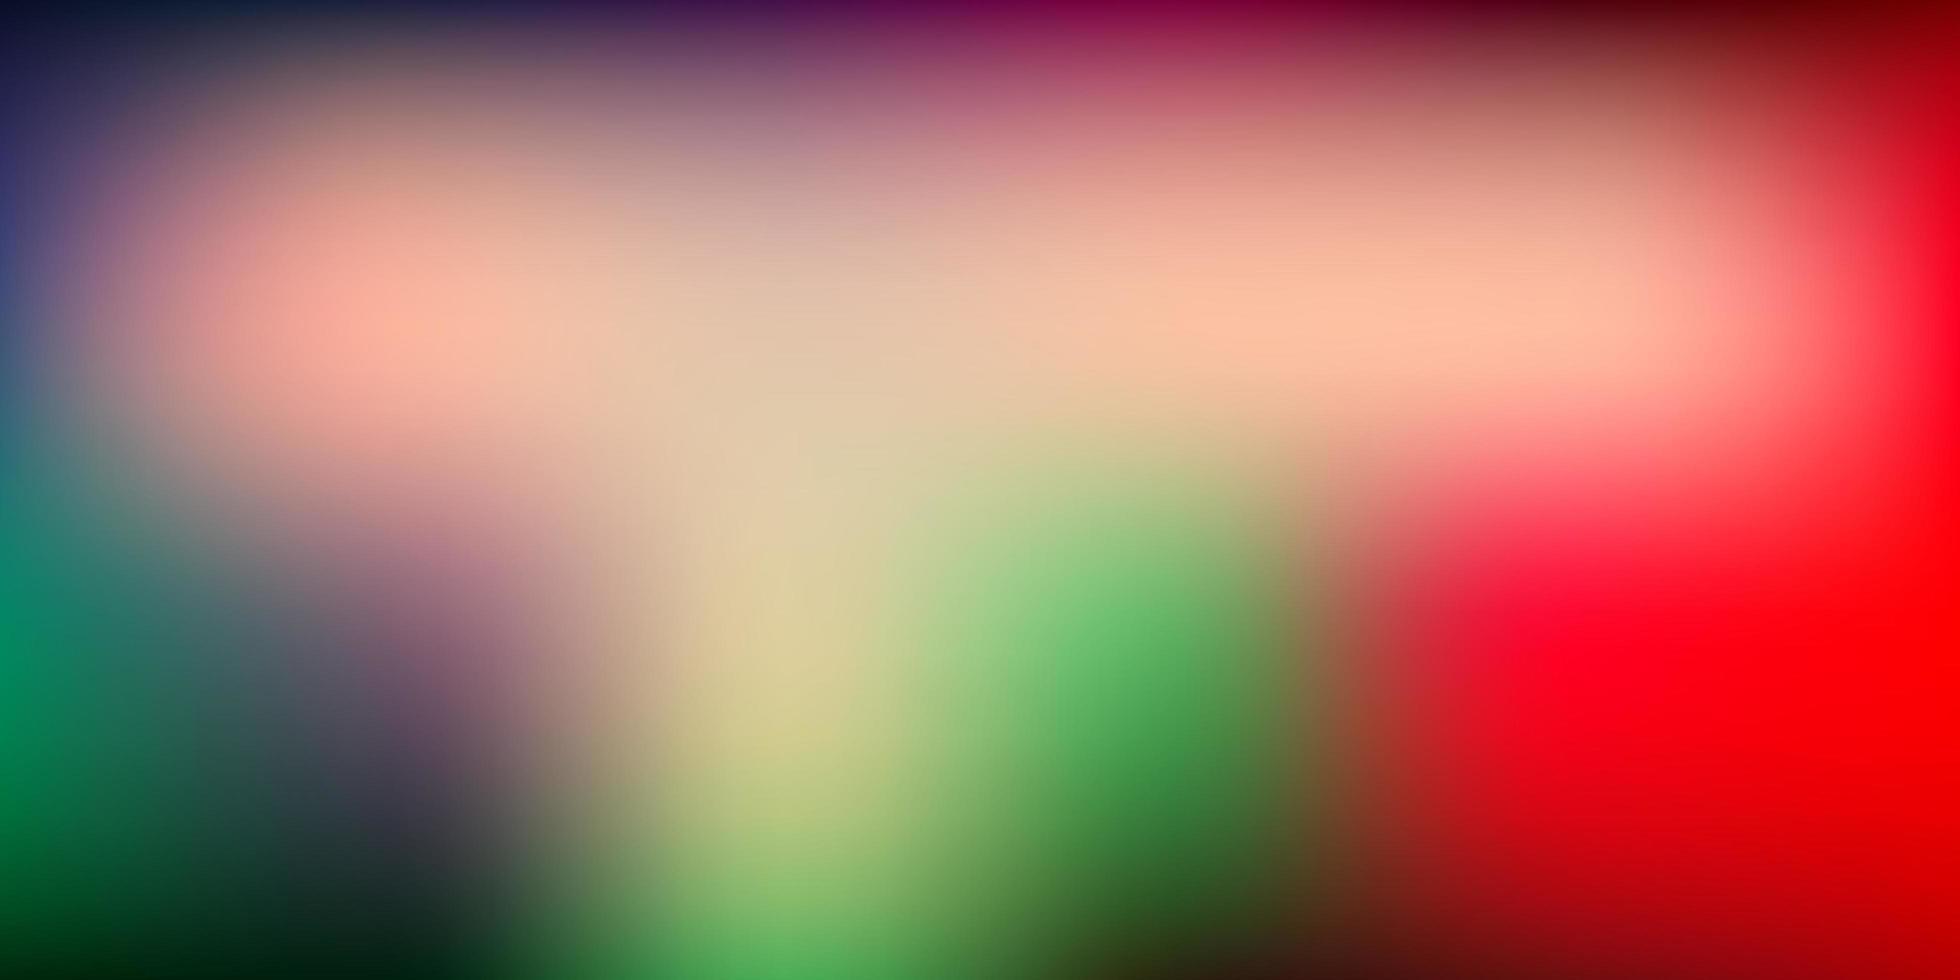 sfondo sfocato vettoriale verde chiaro, rosso.